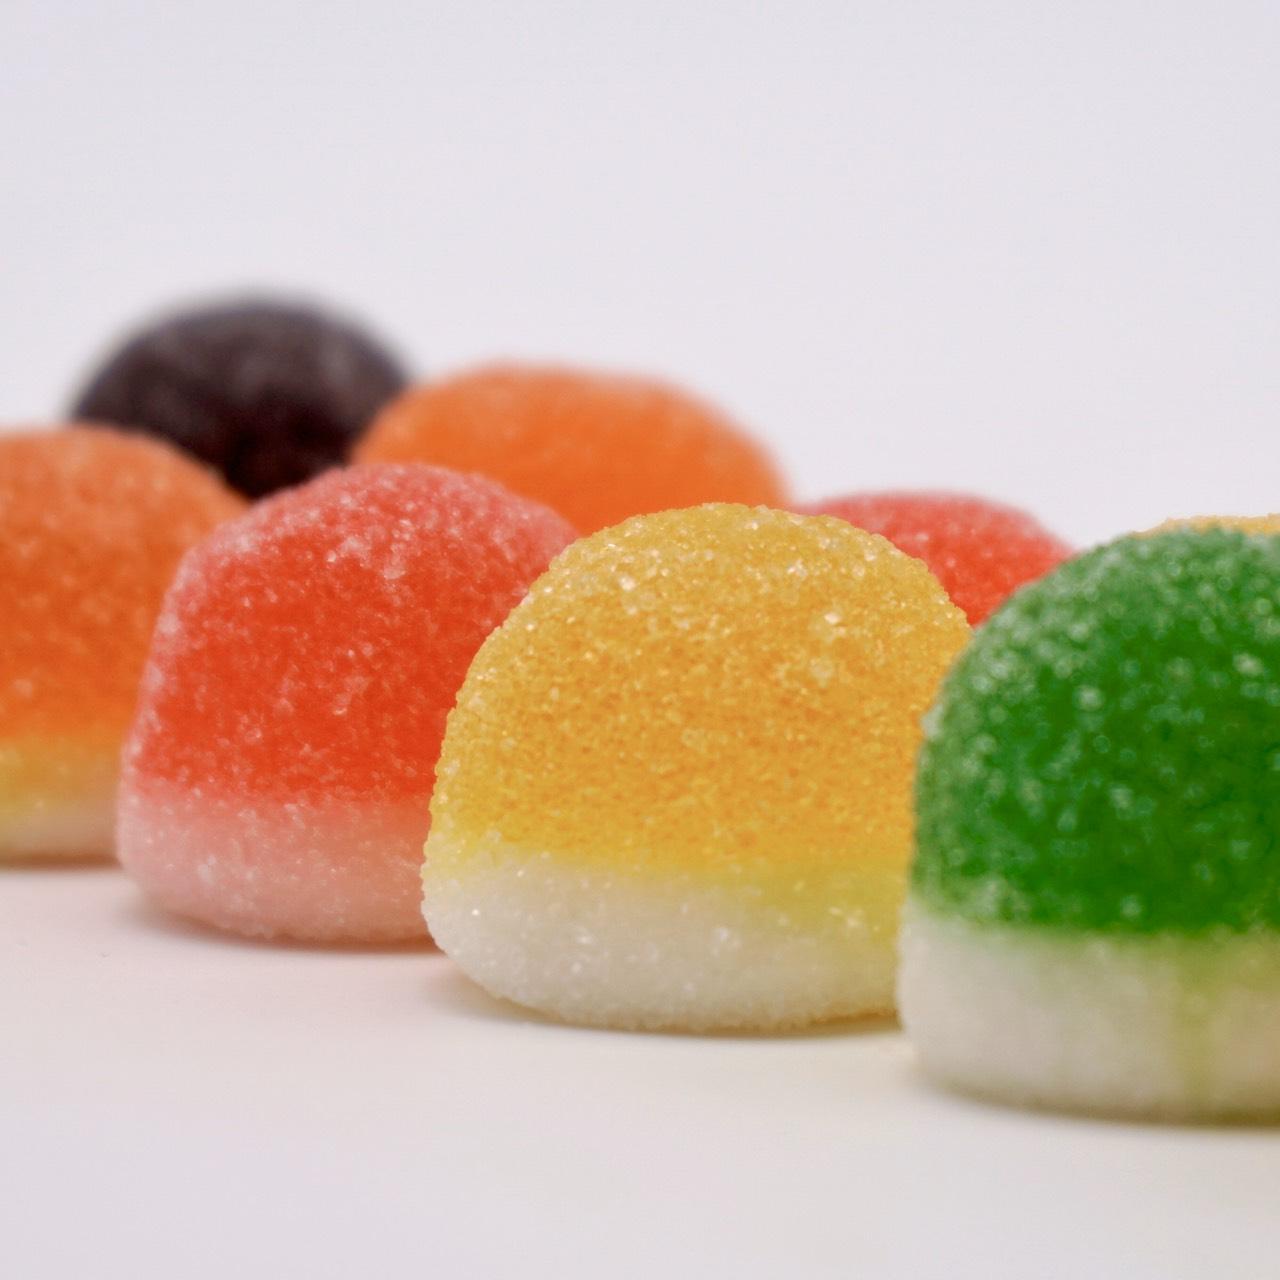 嘴甜甜 雙層水果包 200公克 水果包系列 果汁軟糖 捷克 百靈造型QQ糖 糖果 軟糖 QQ糖 現貨